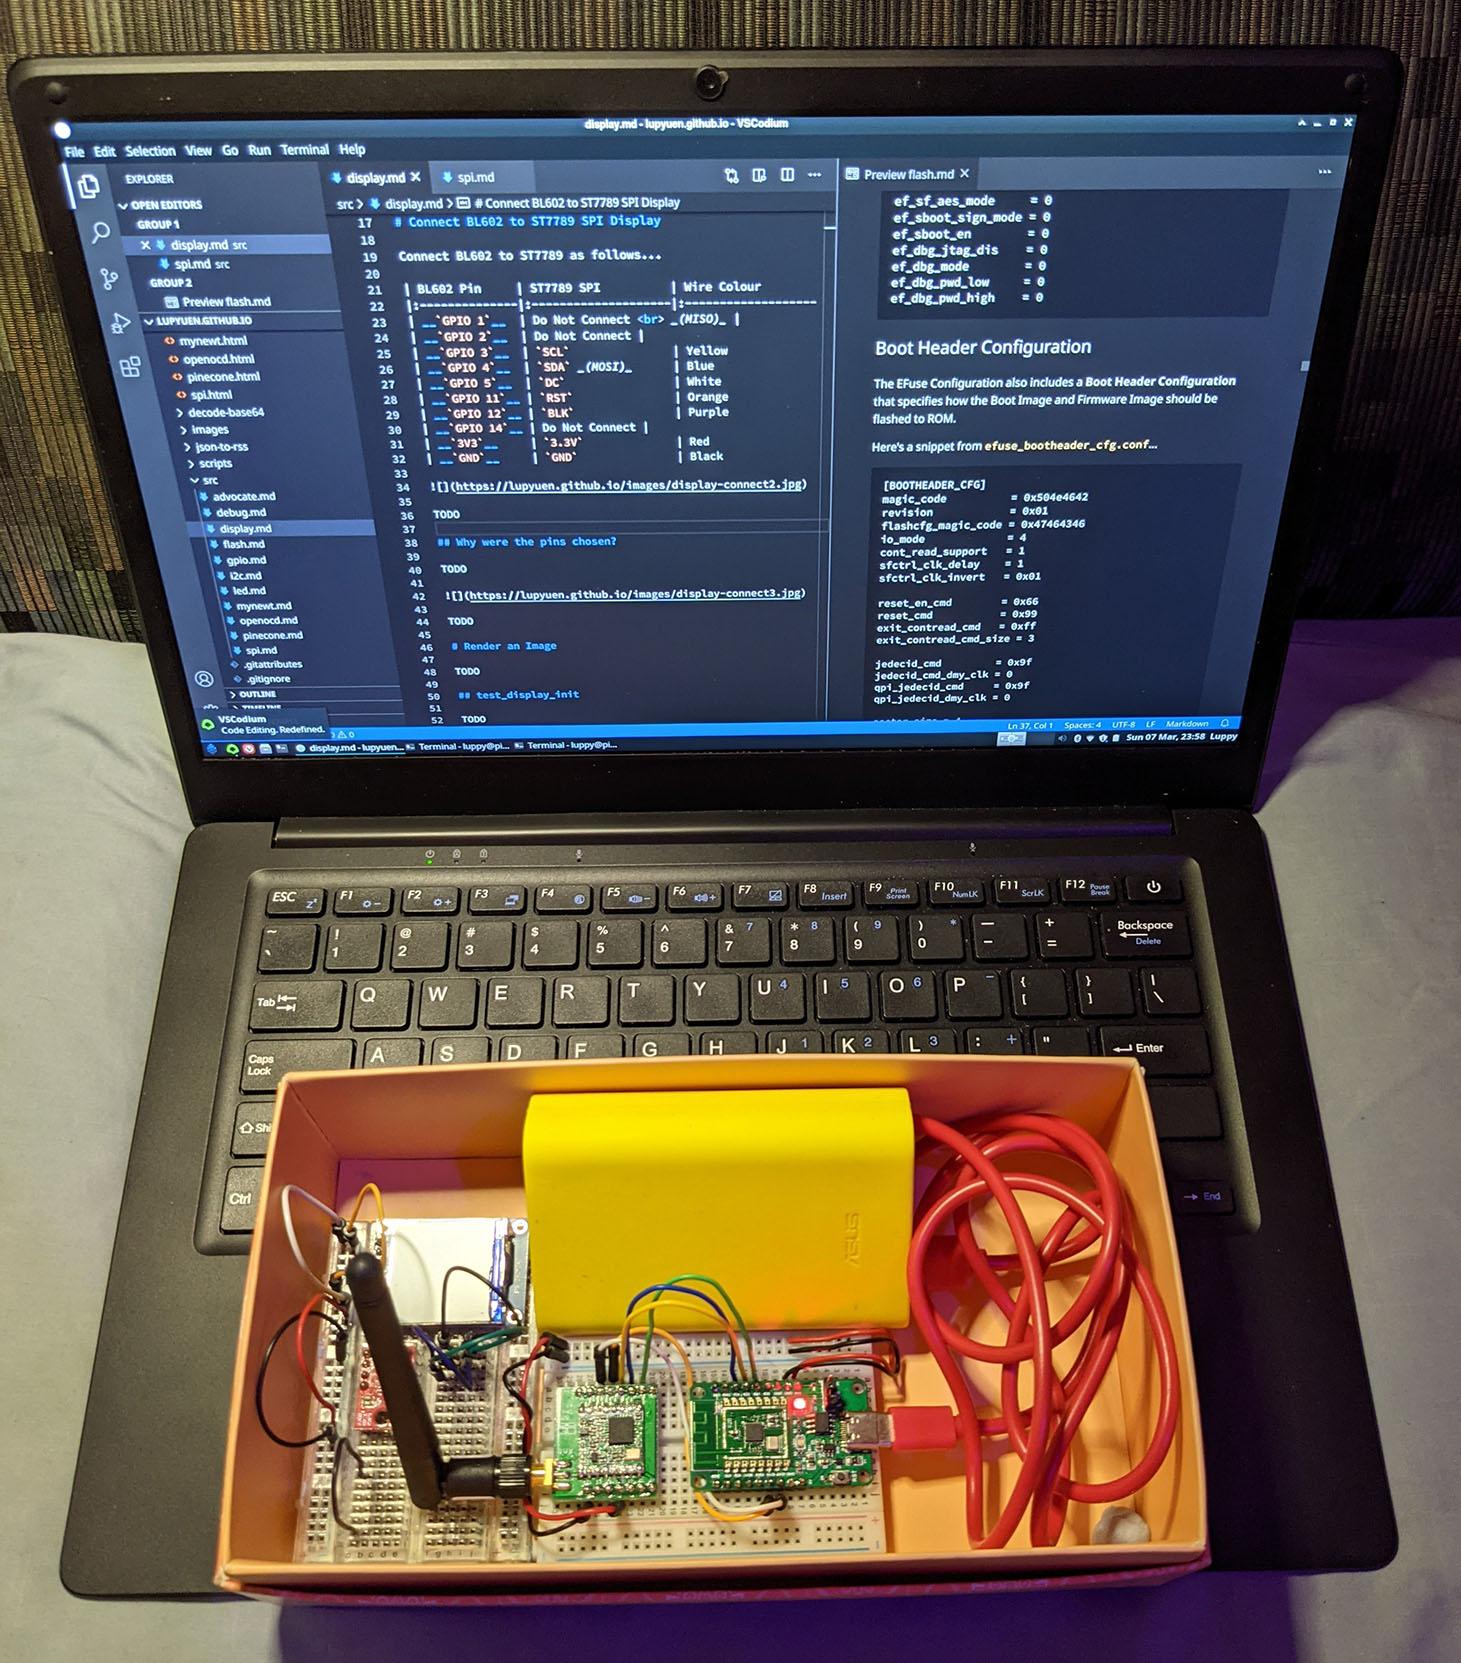 LoRa Transmitter Kit with PineCone BL602